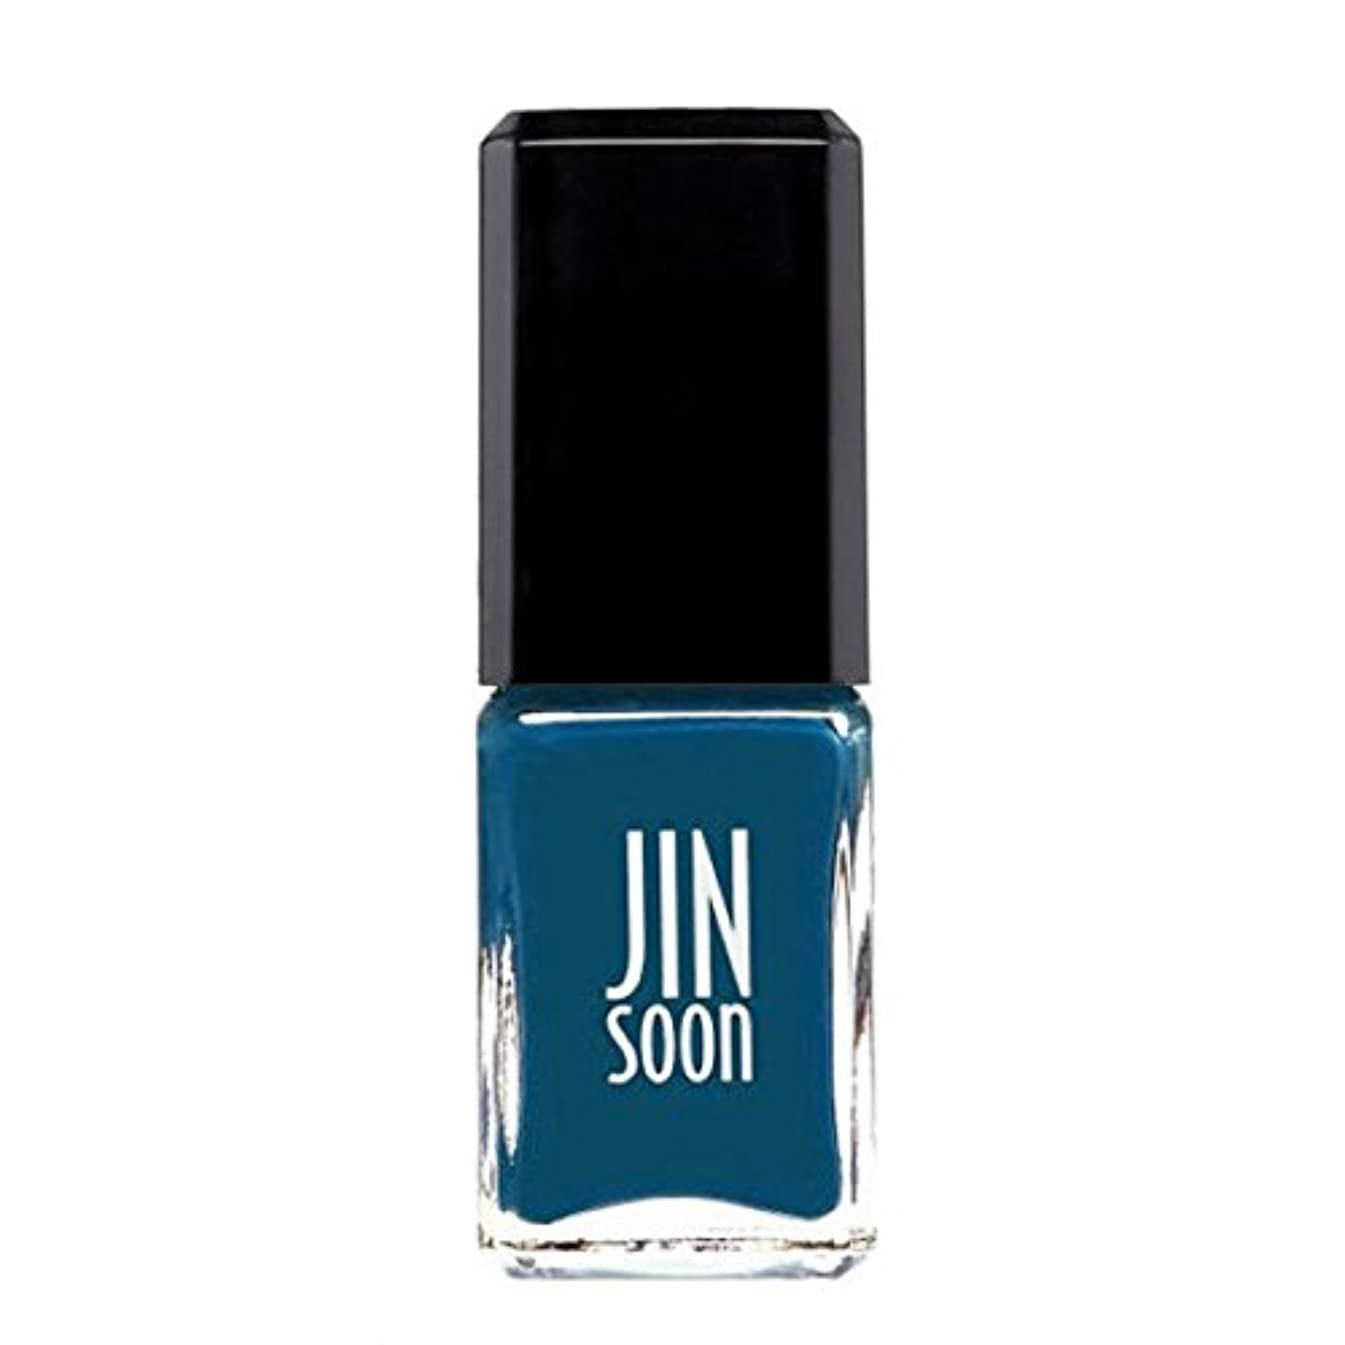 技術無臭でも[ジンスーン] [ jinsoon] ボウ(ティールブルー) BEAU ジンスーン 5フリー ネイルポリッシュ ネイルカラー系統:ティールブルー teal blue 11mL